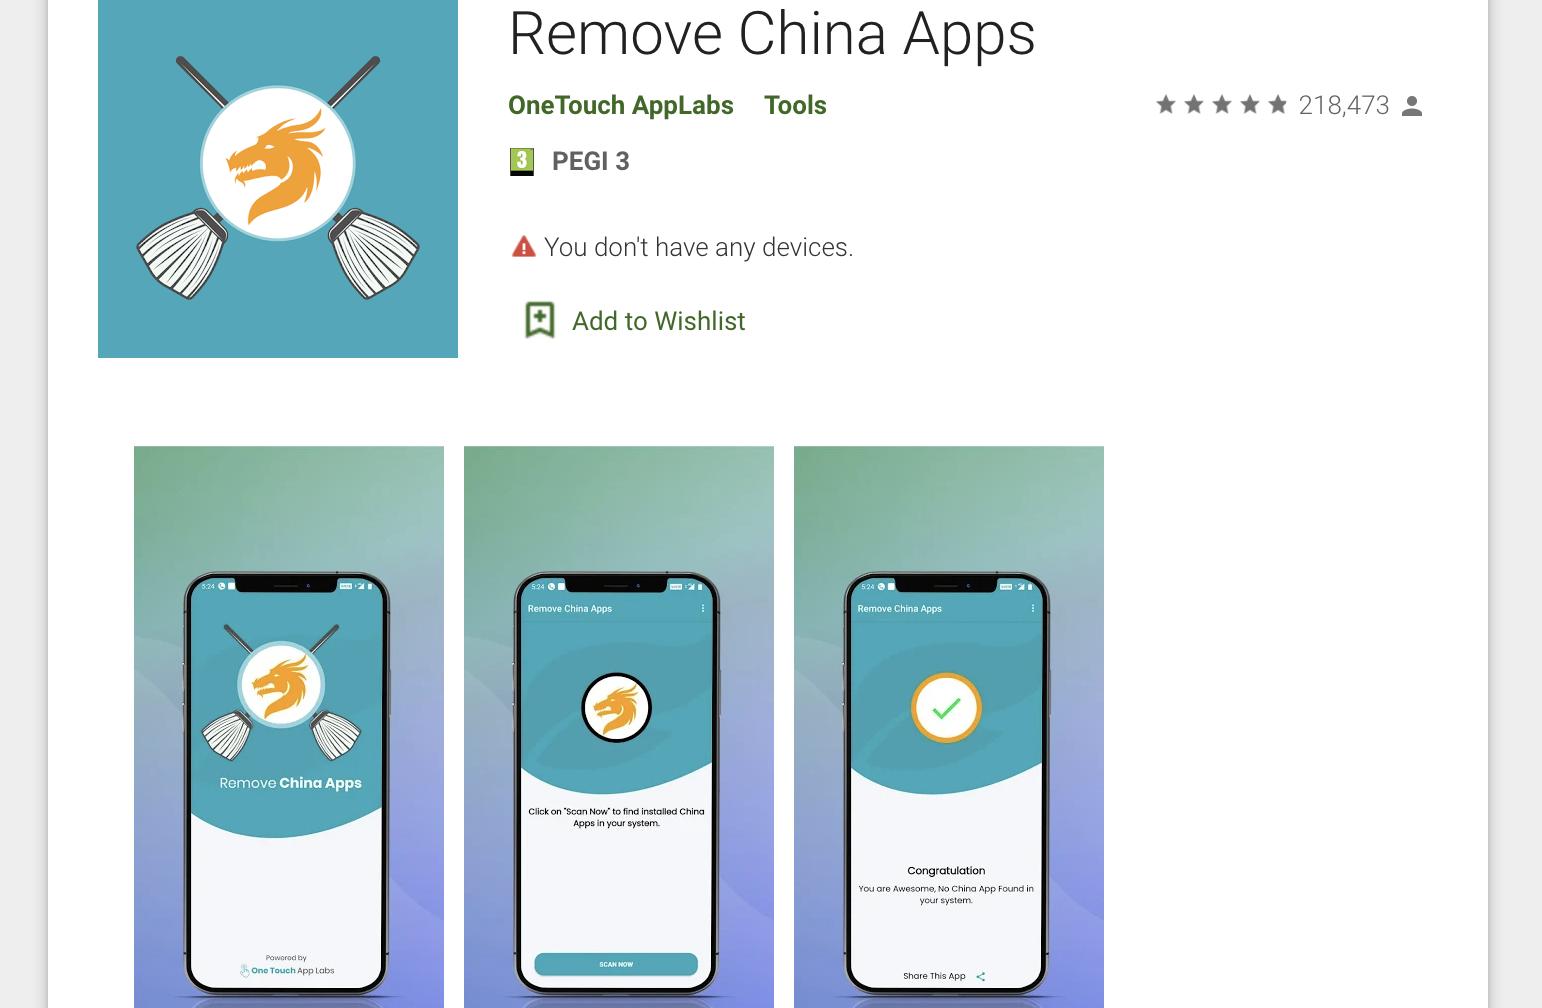 「移除中國Apps」(Remove China Apps)應用程式在印度的谷歌Play商店下載量破五百萬。(截圖)